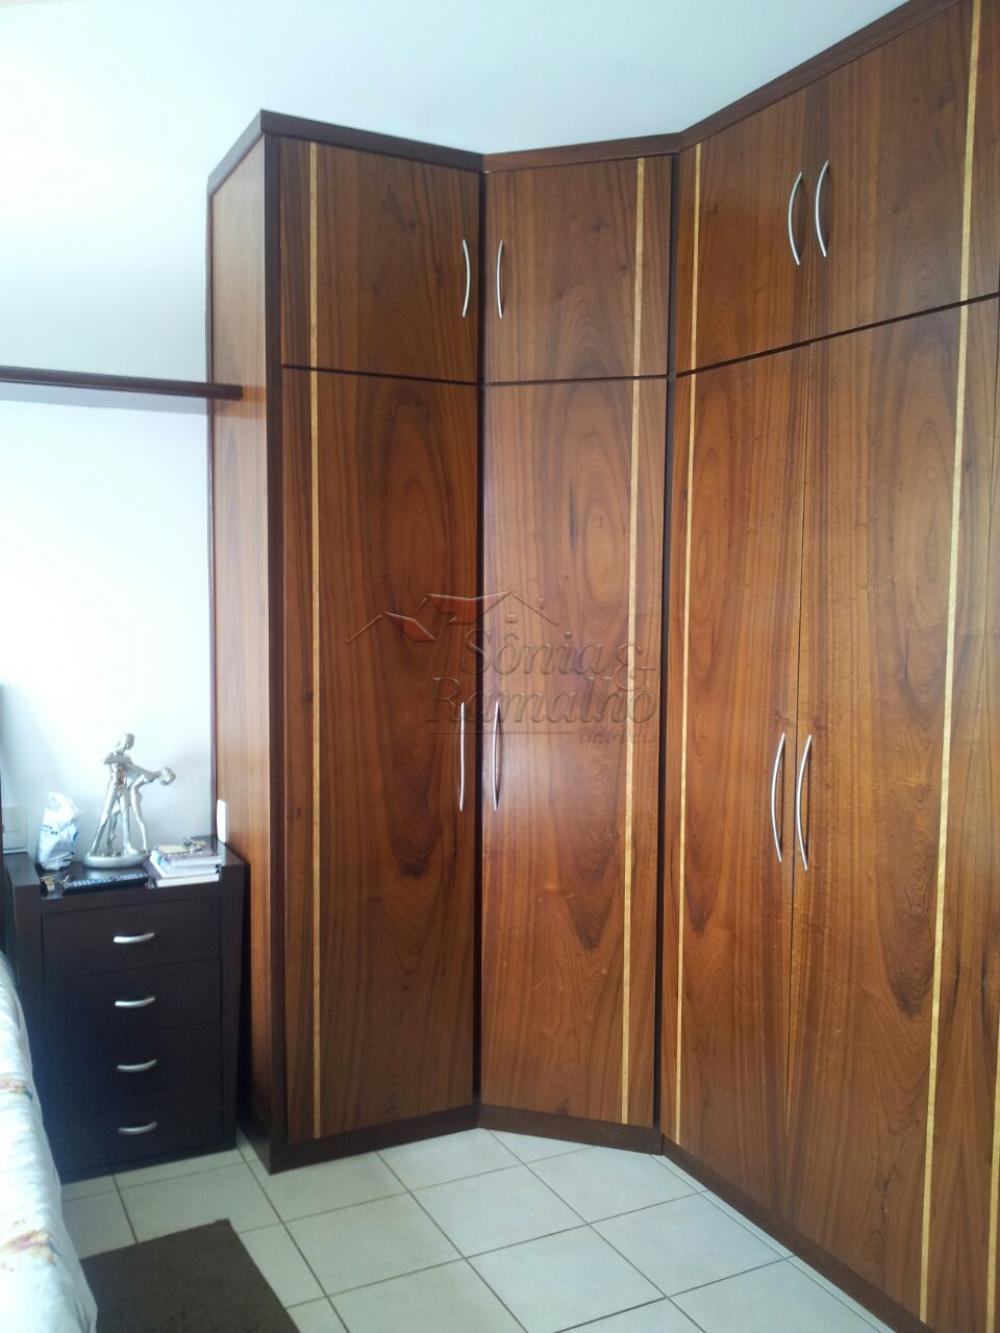 Comprar Apartamentos / Padrão em Ribeirão Preto apenas R$ 638.000,00 - Foto 3